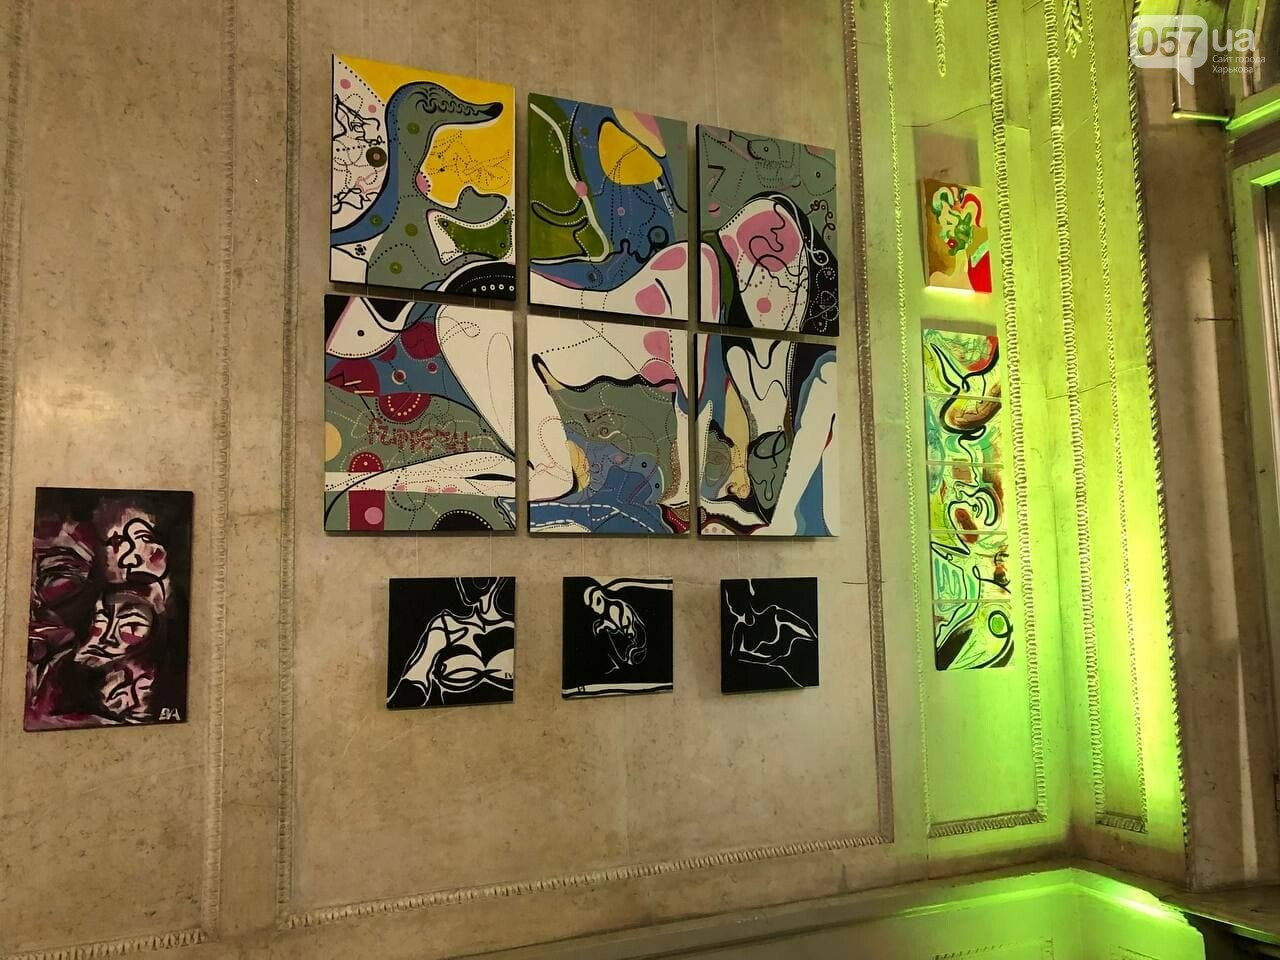 В Харькове прошла благотворительная выставка памяти молодой художницы, скончавшейся от приступа эпилепсии, - ФОТОРЕПОРТАЖ, фото-8